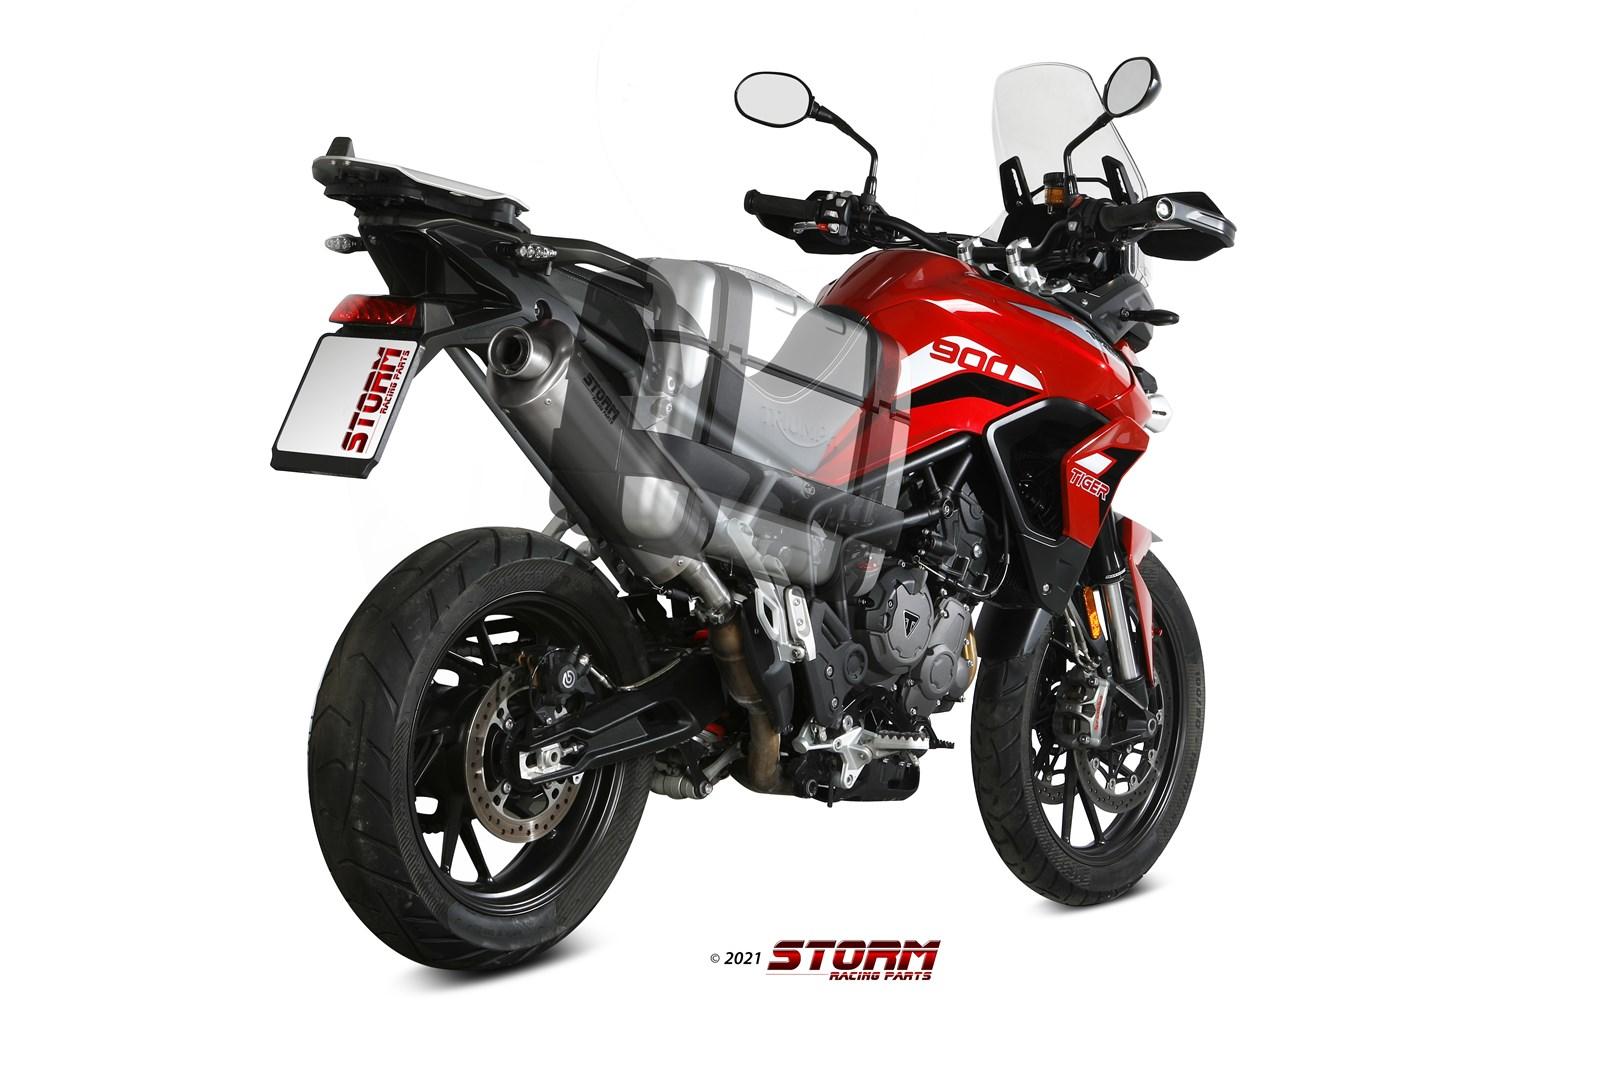 Triumph_Tiger900_2020_74T018LX2_$12